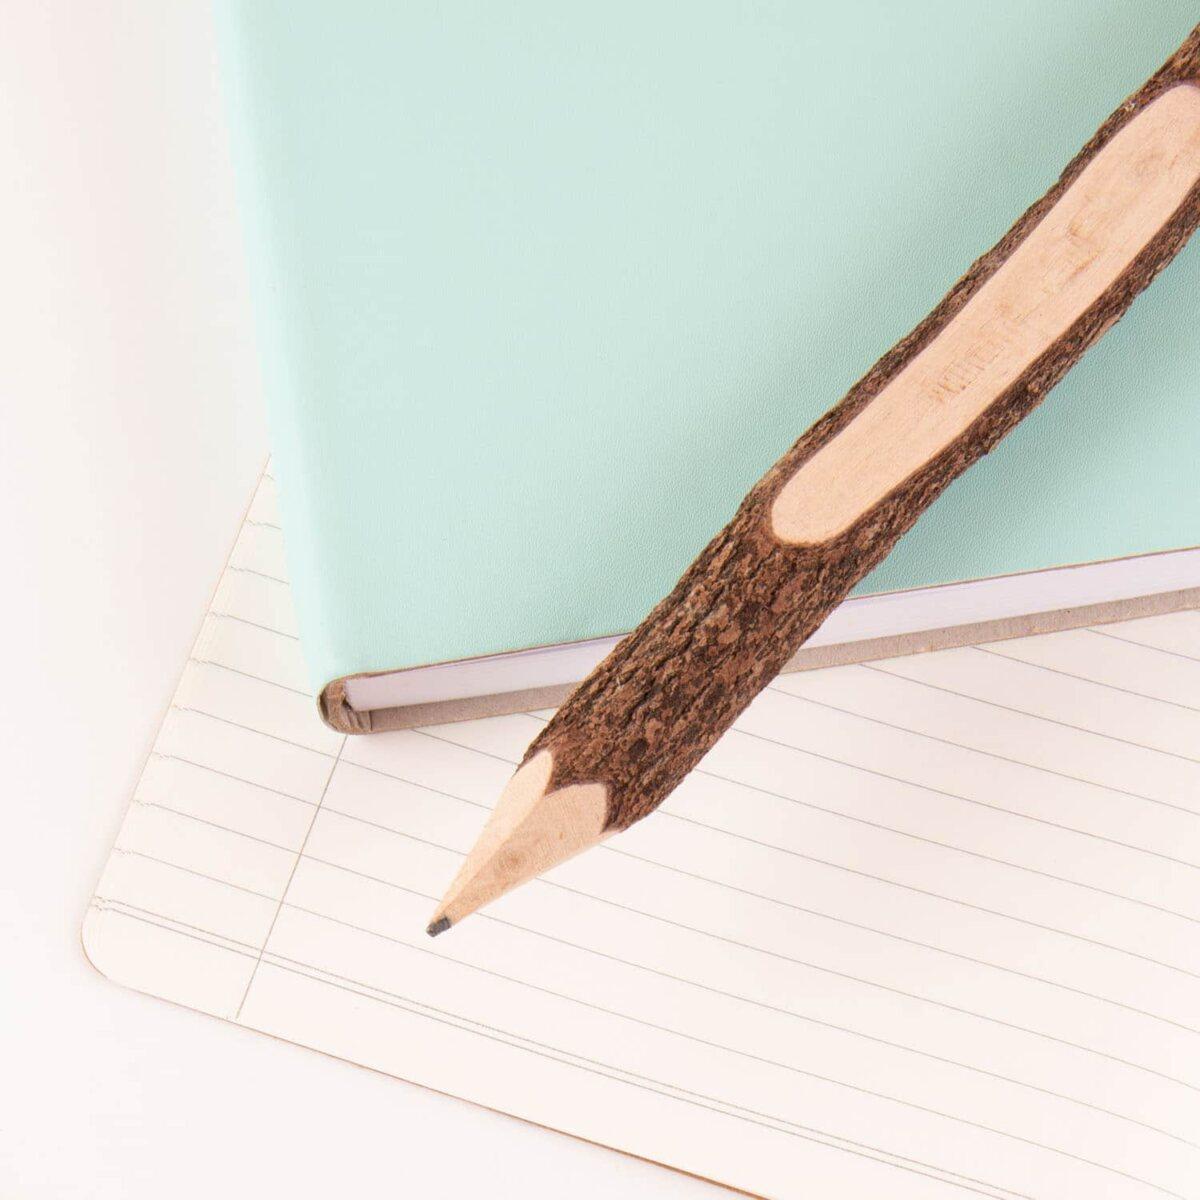 writing drawing sketching